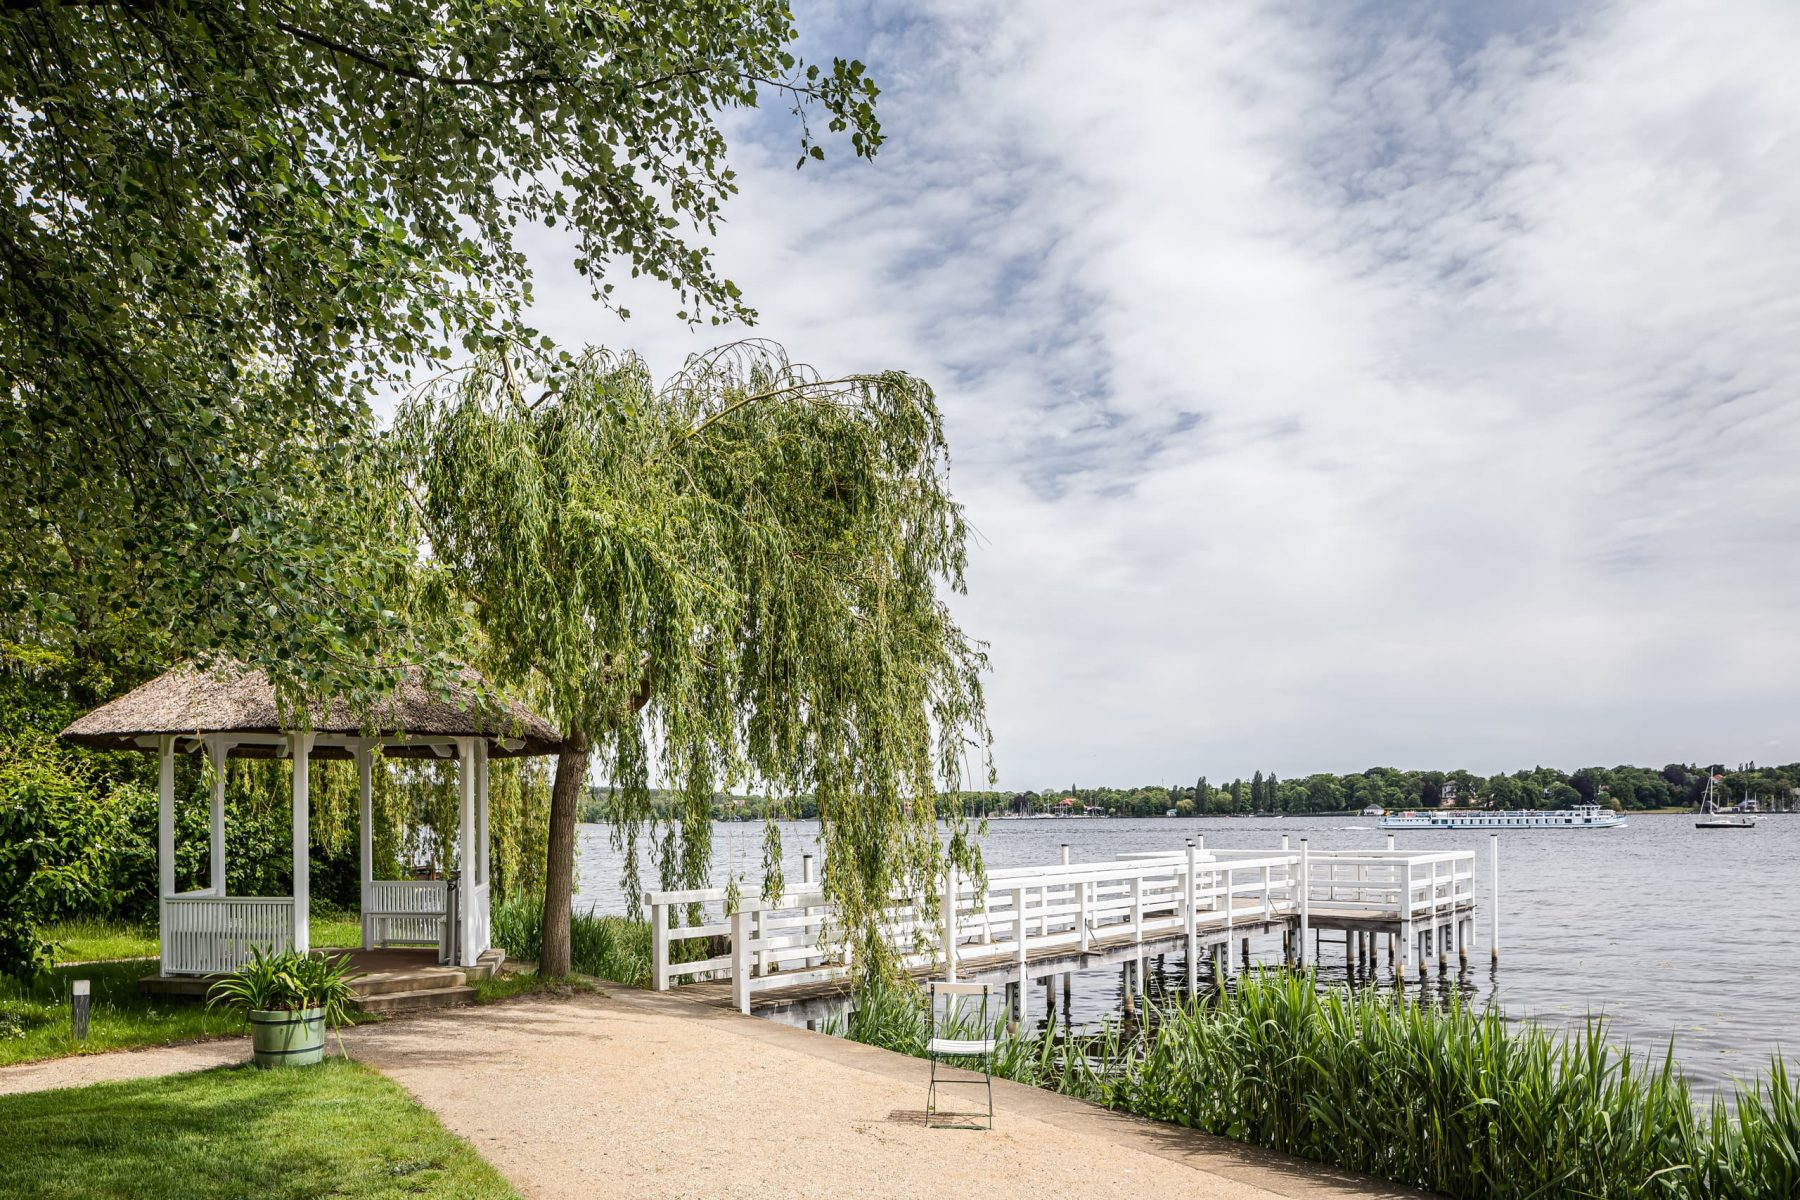 Blick auf den Steg und den Teepavillon der Liebermann-Villa am Wannsee